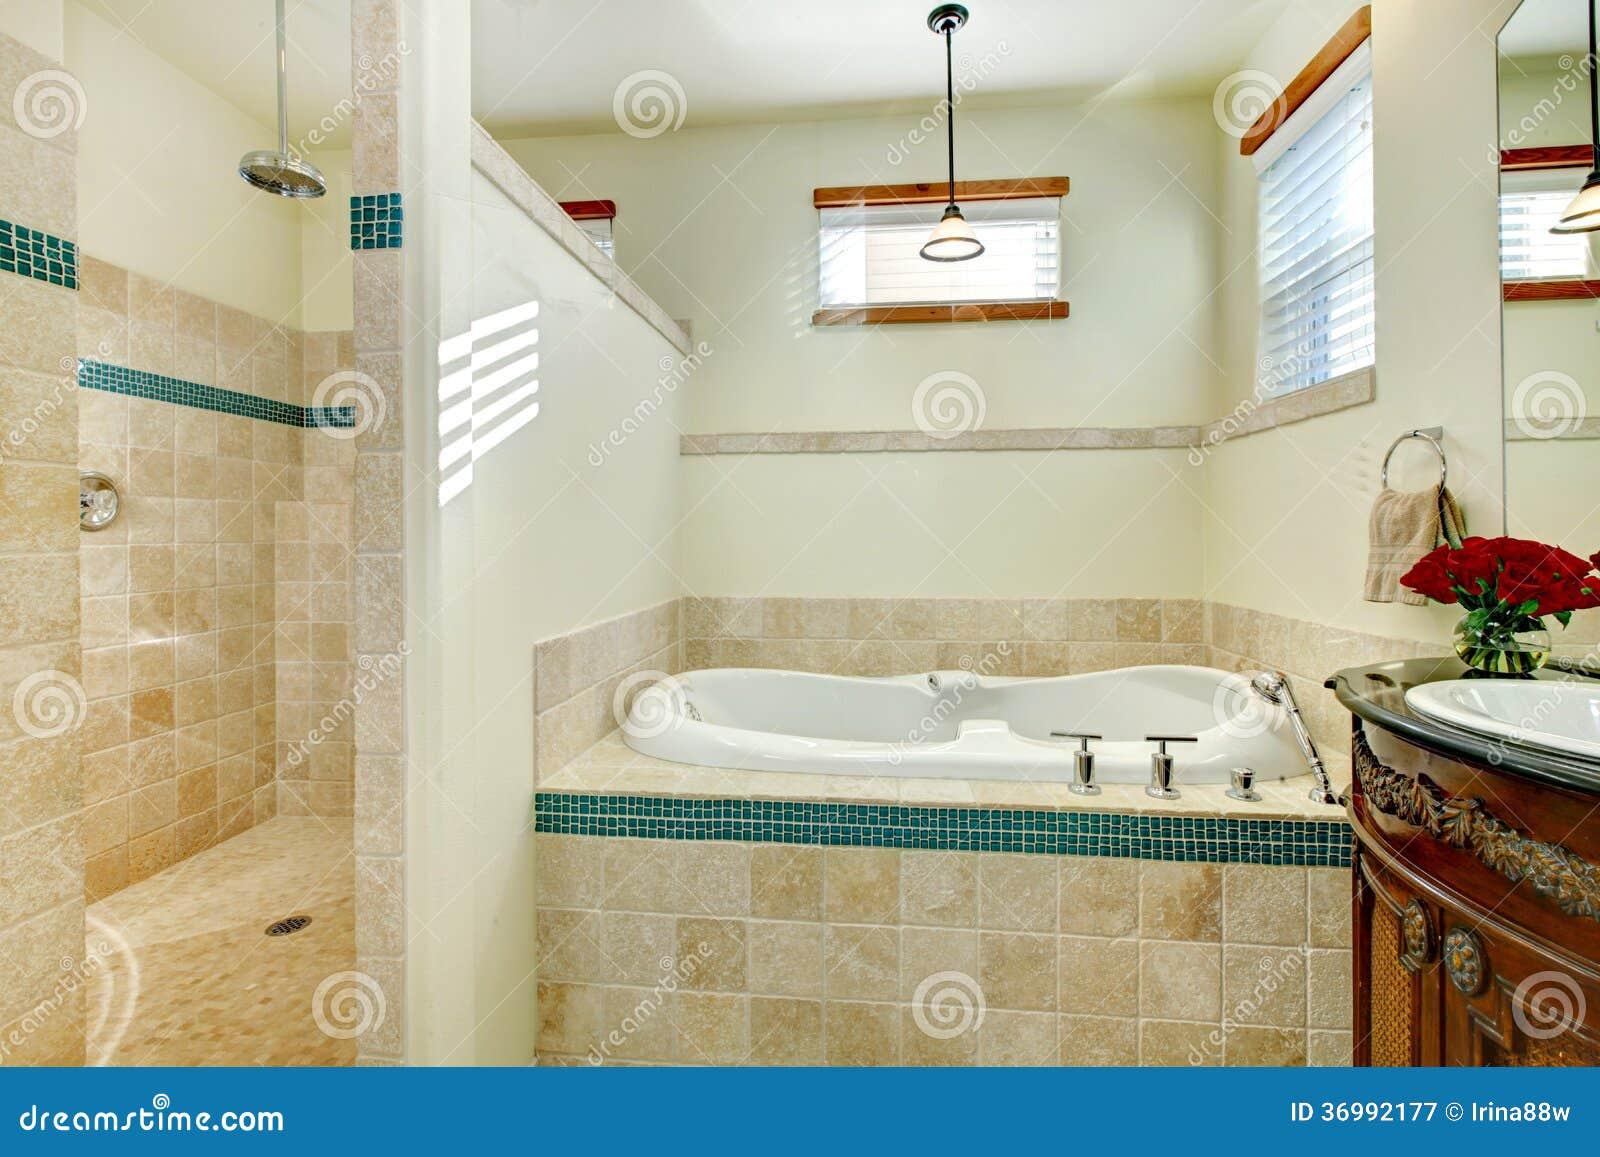 elegantes modernes badezimmer mit einem antiken hölzernen, Hause ideen